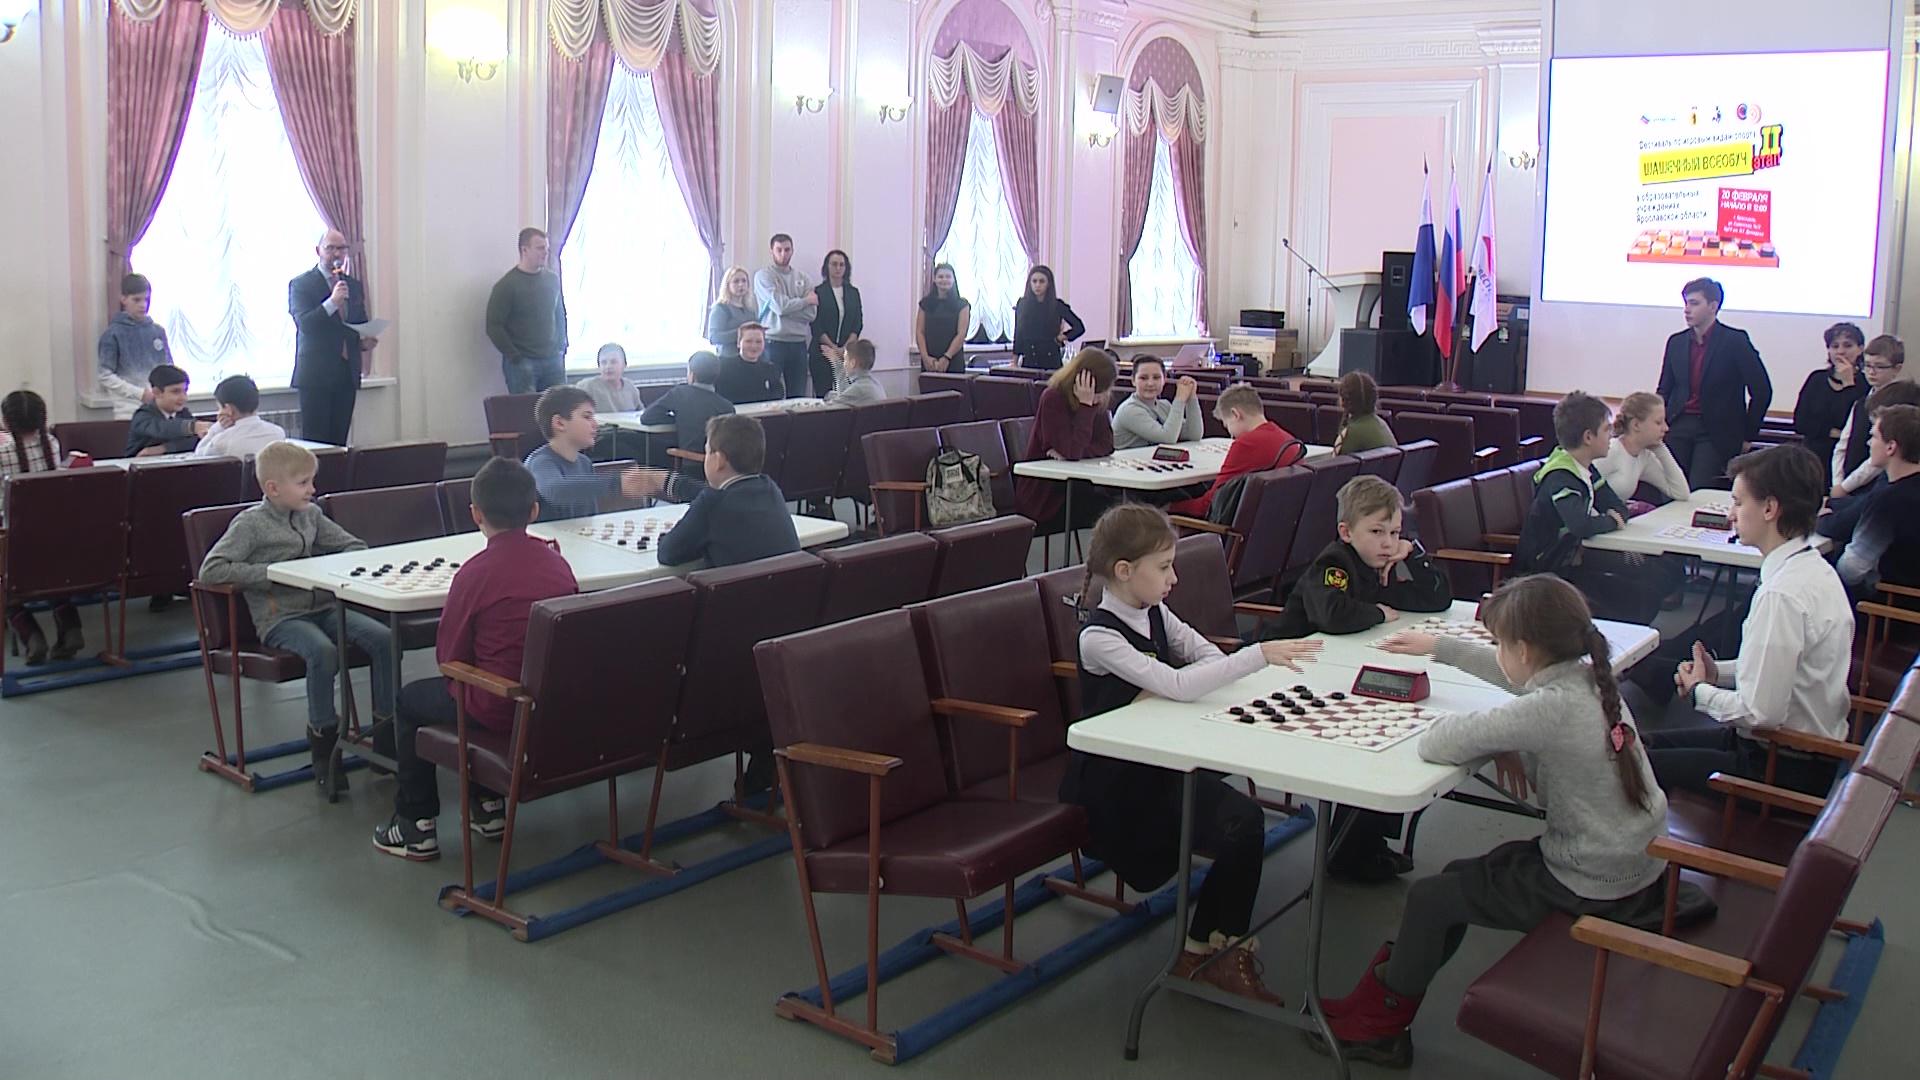 В Ярославле состоялся второй этап второго сезона интернет-проекта «Шашечный всеобуч»